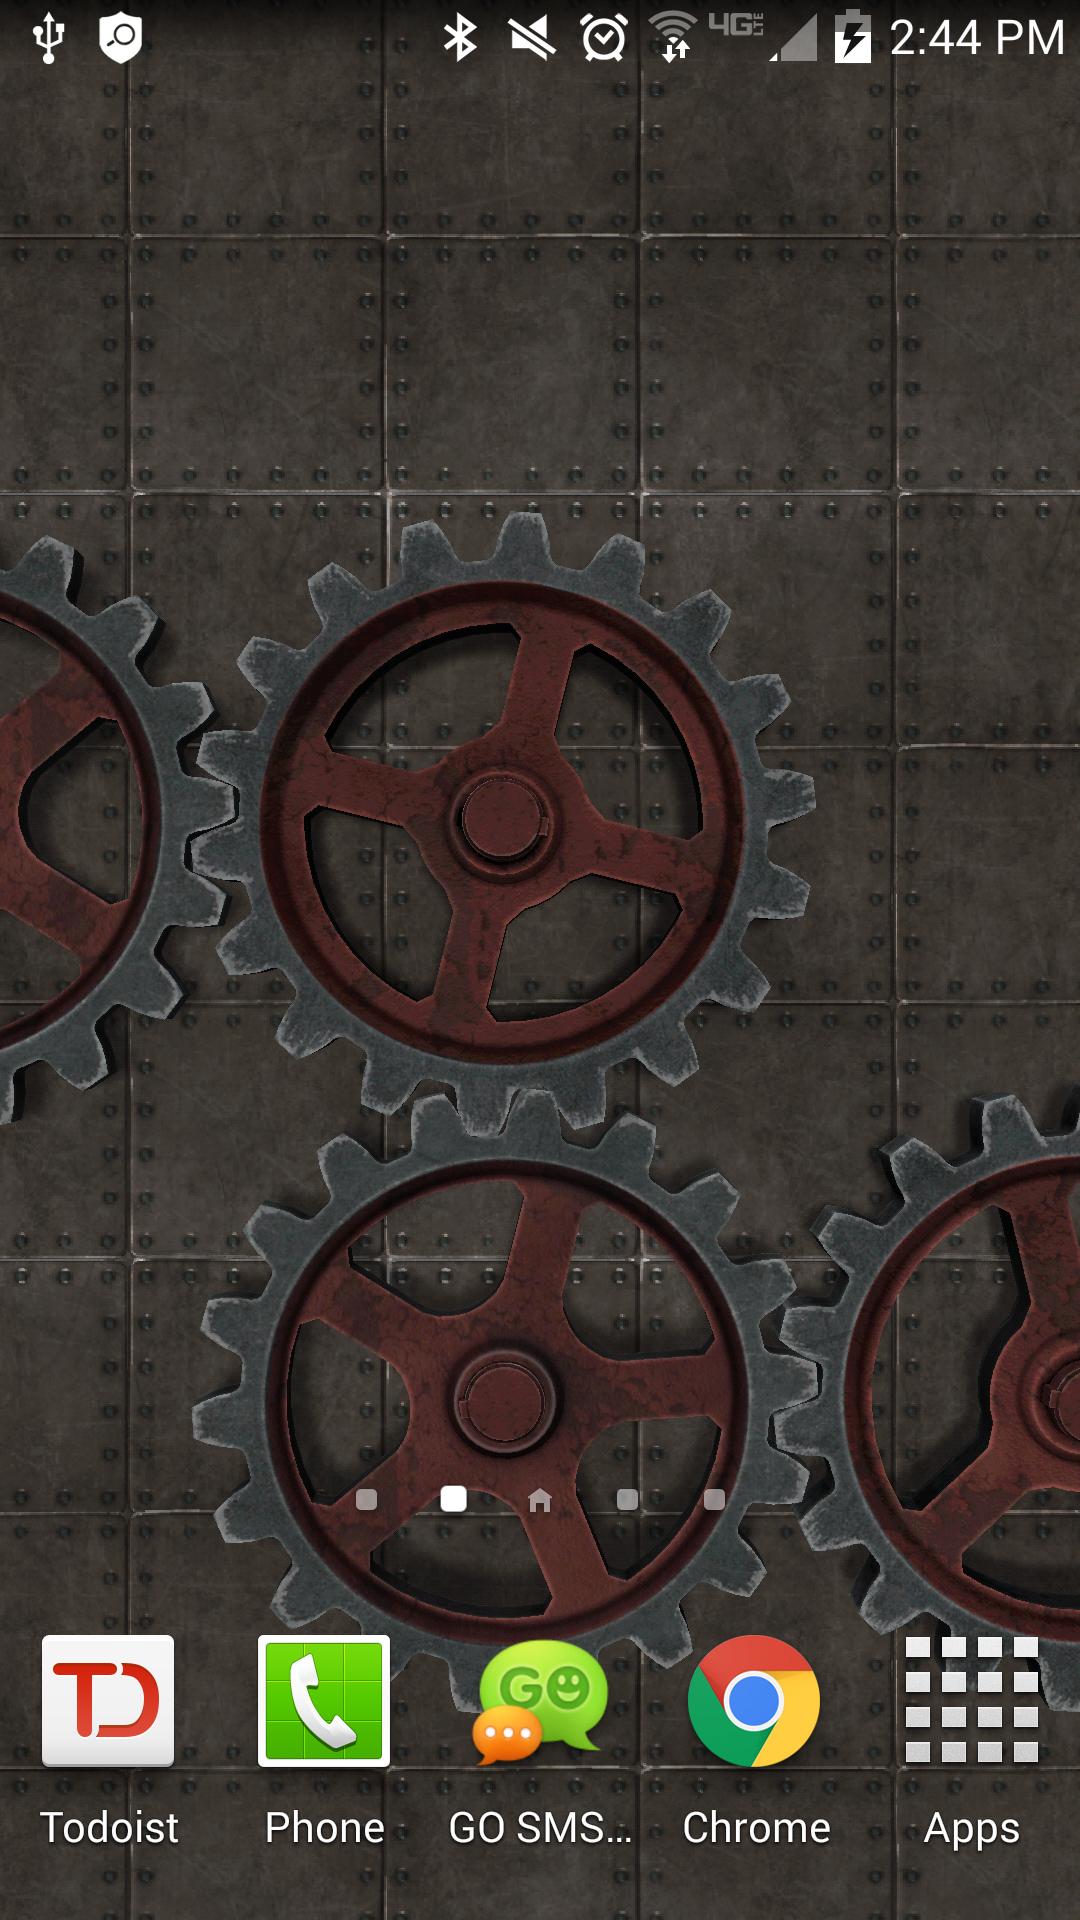 gears_01.jpg